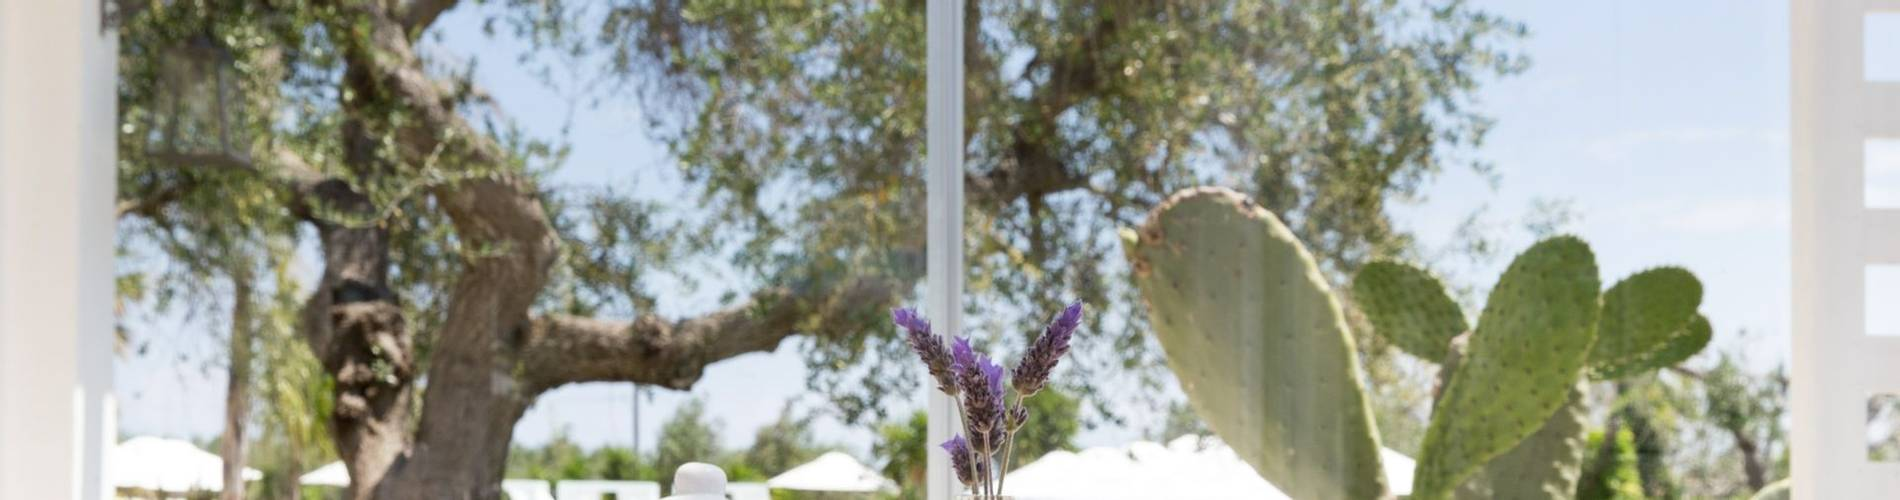 Tenuta Centoporte, Puglia 4.jpg